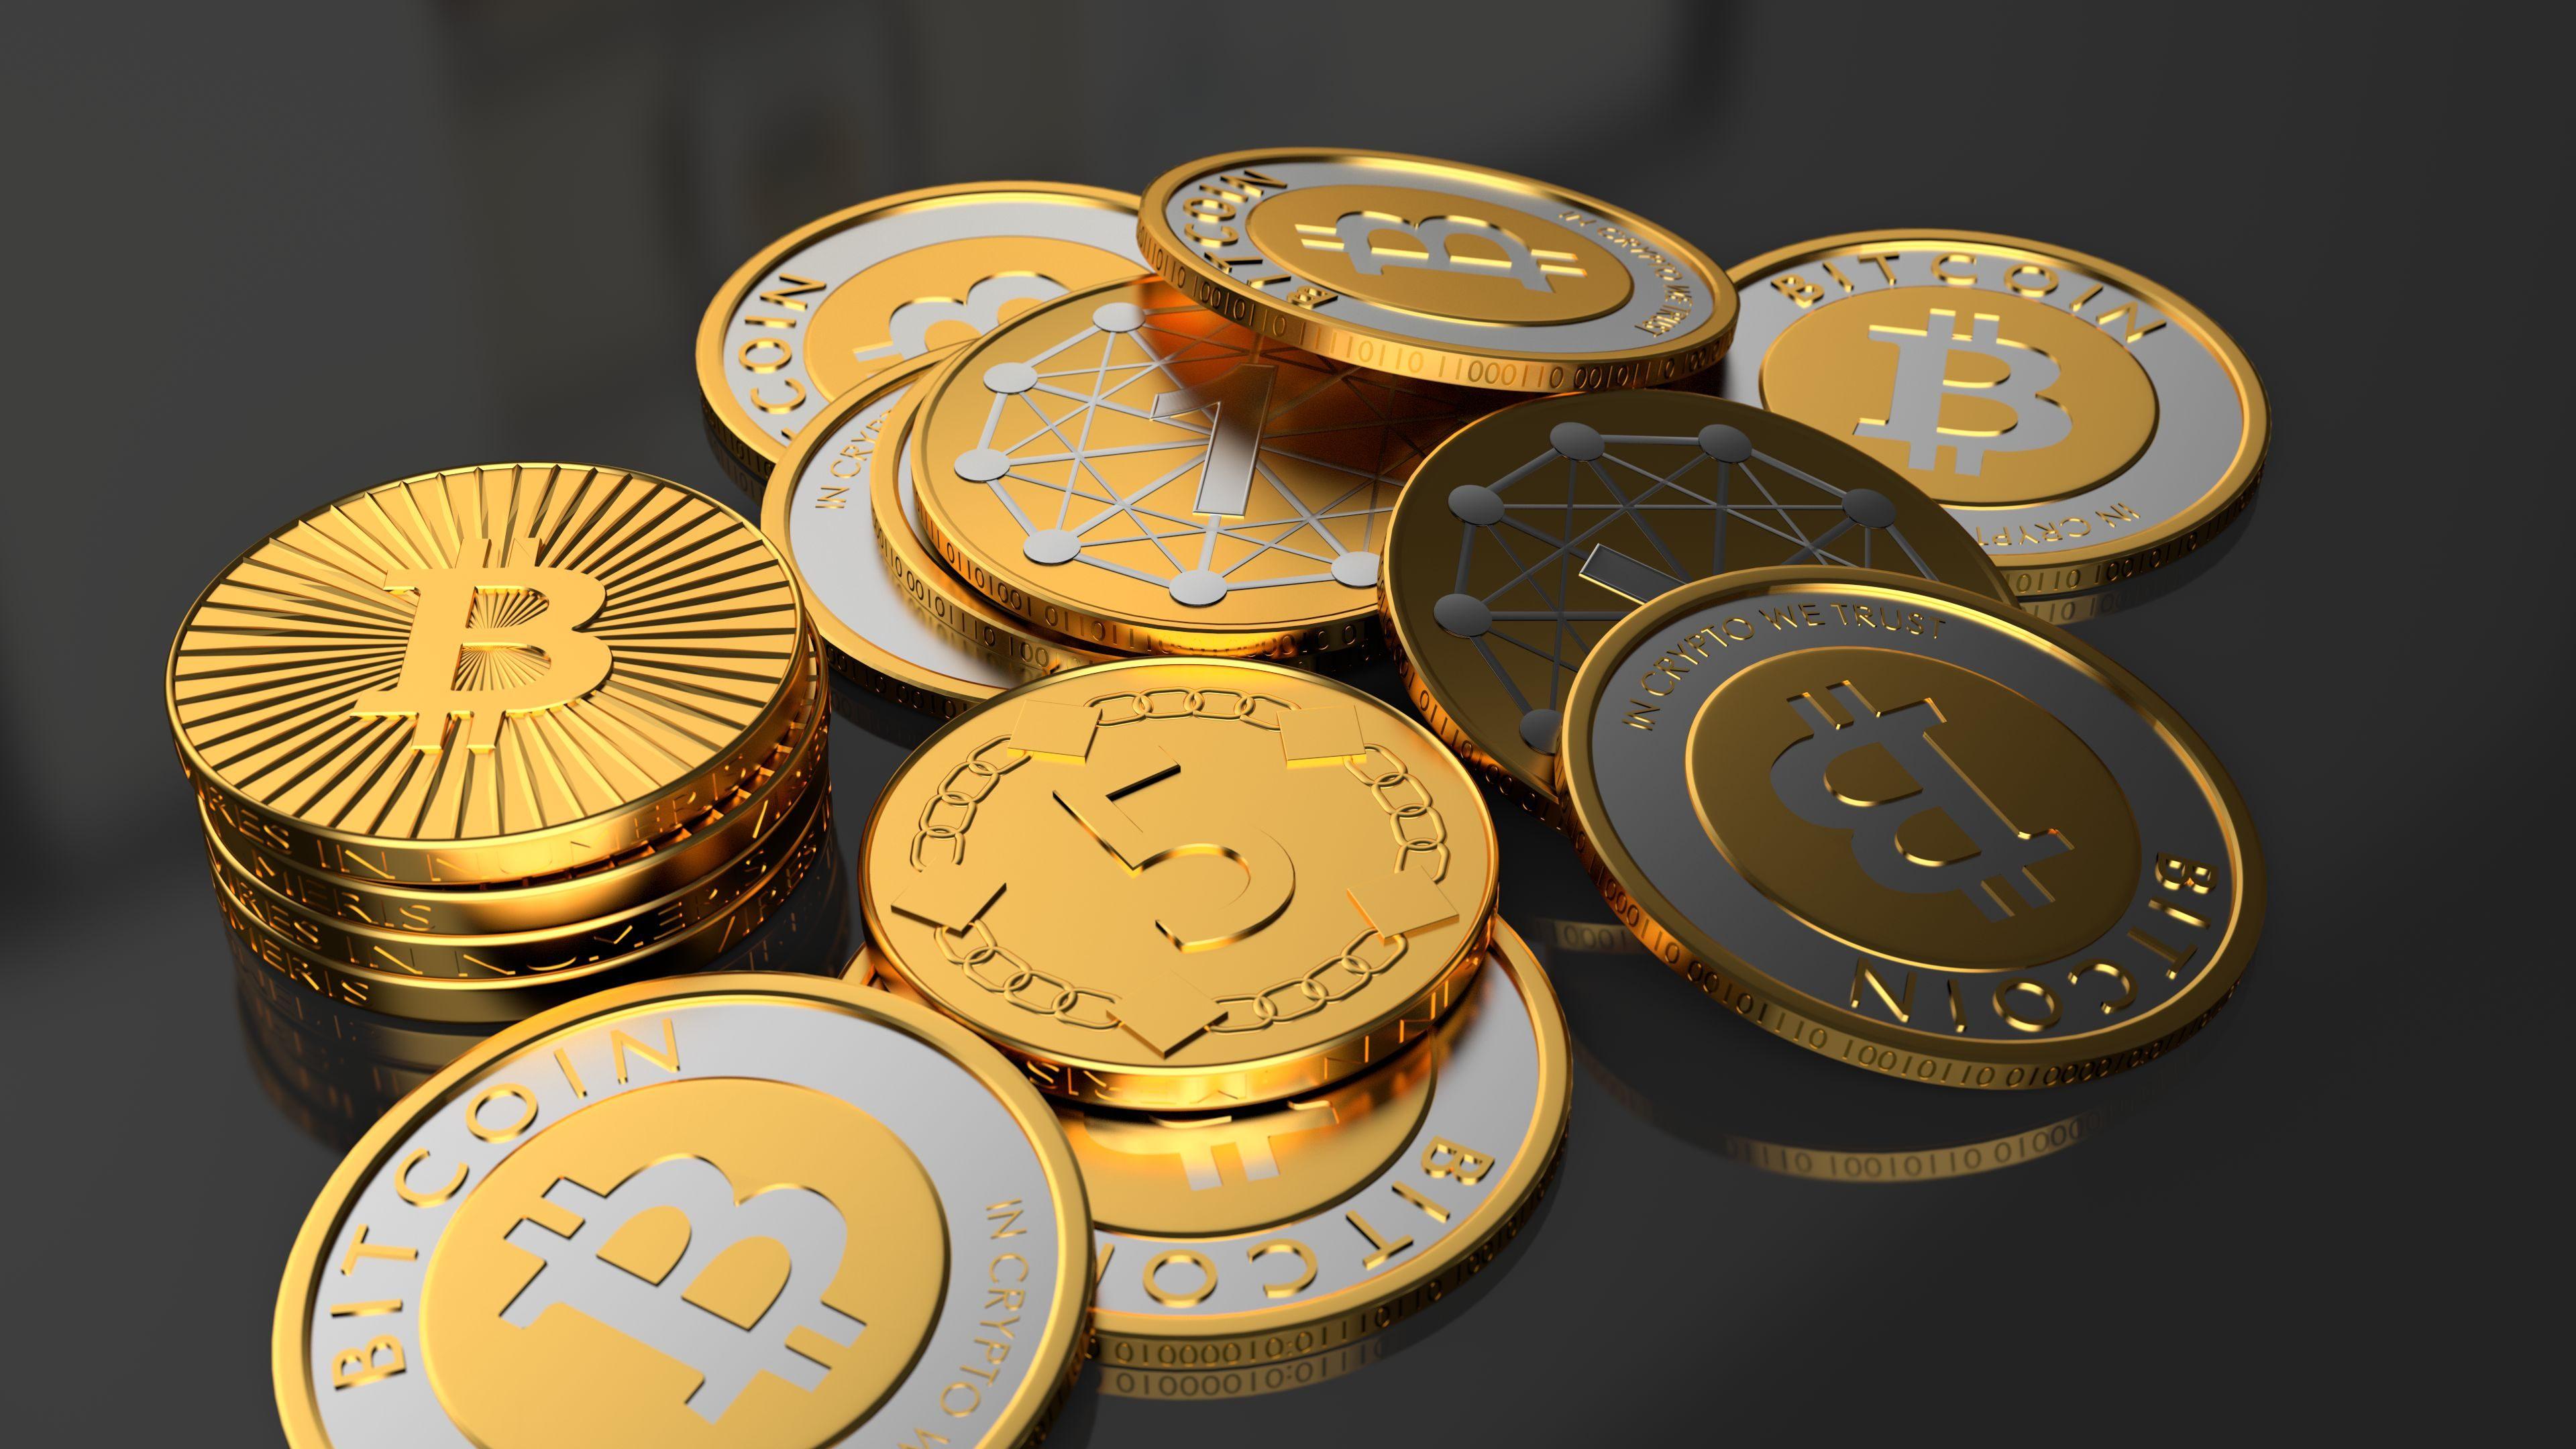 沙特阿拉伯监管机构:比特币等数字货币交易为非法行为